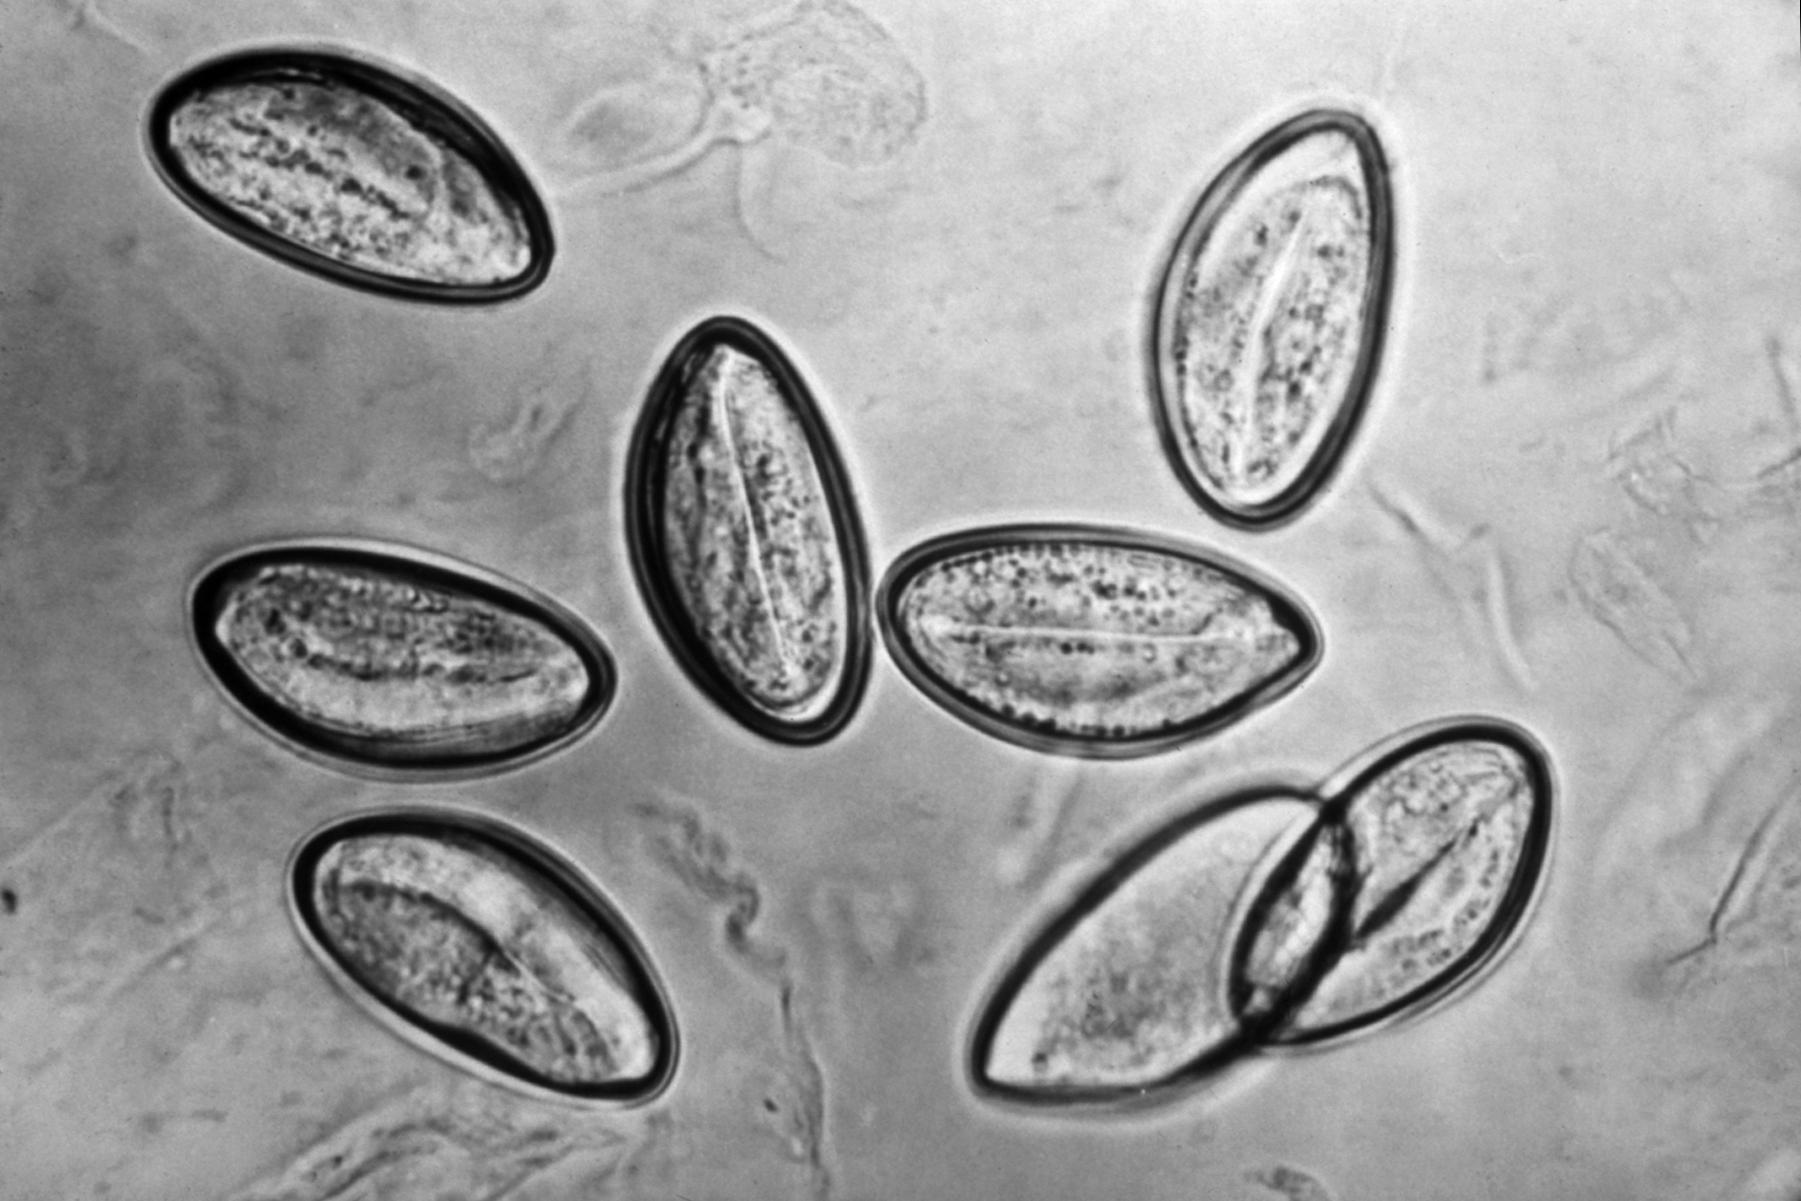 enterobiasis o enterobius